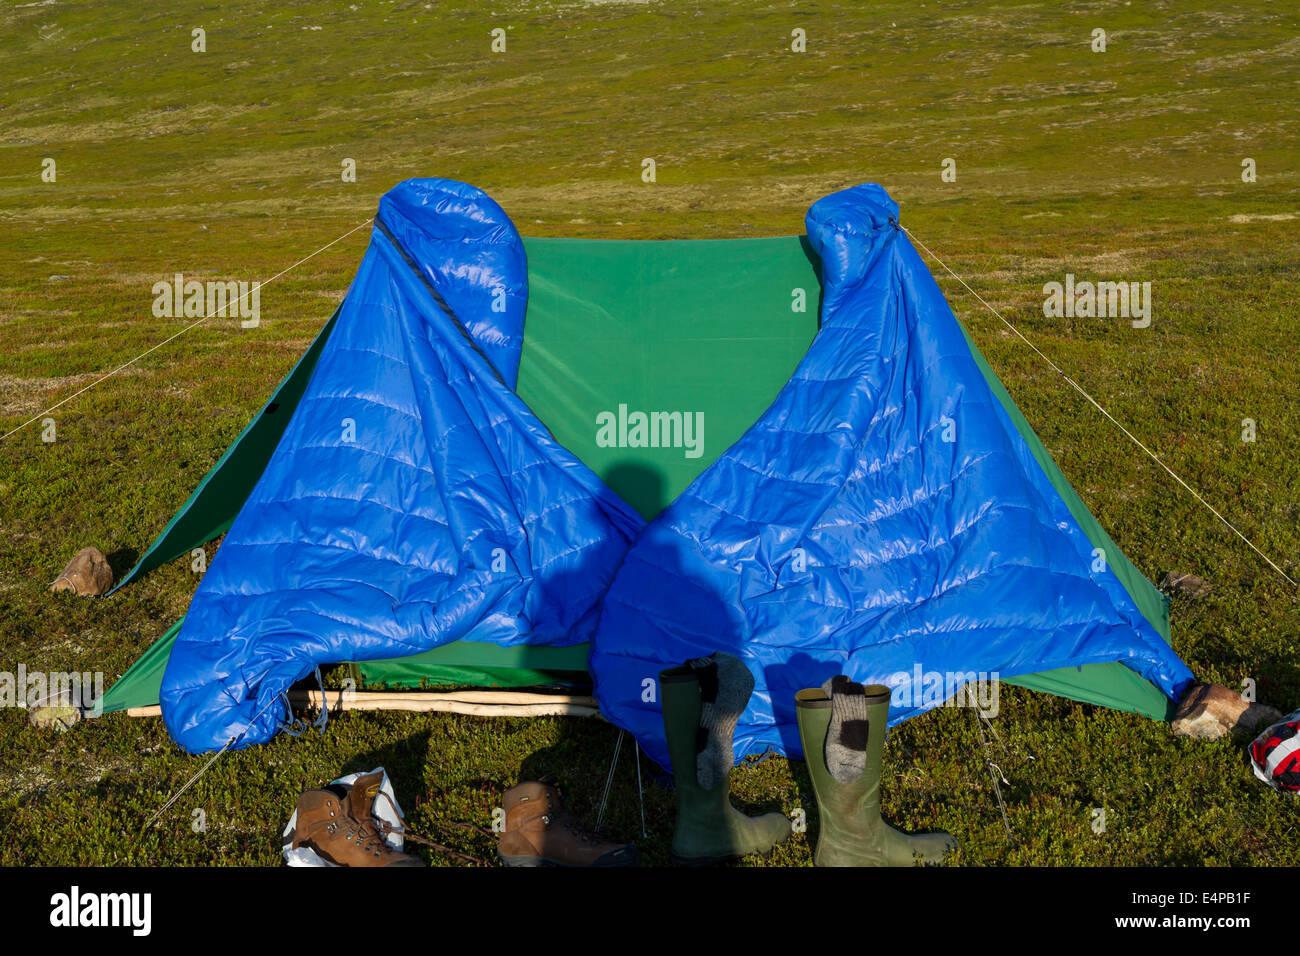 Schatten von einem Trekker auf sein Zelt mit zwei Schlafsäcke in der Morgensonne Trocknen aufhängen Stockbild